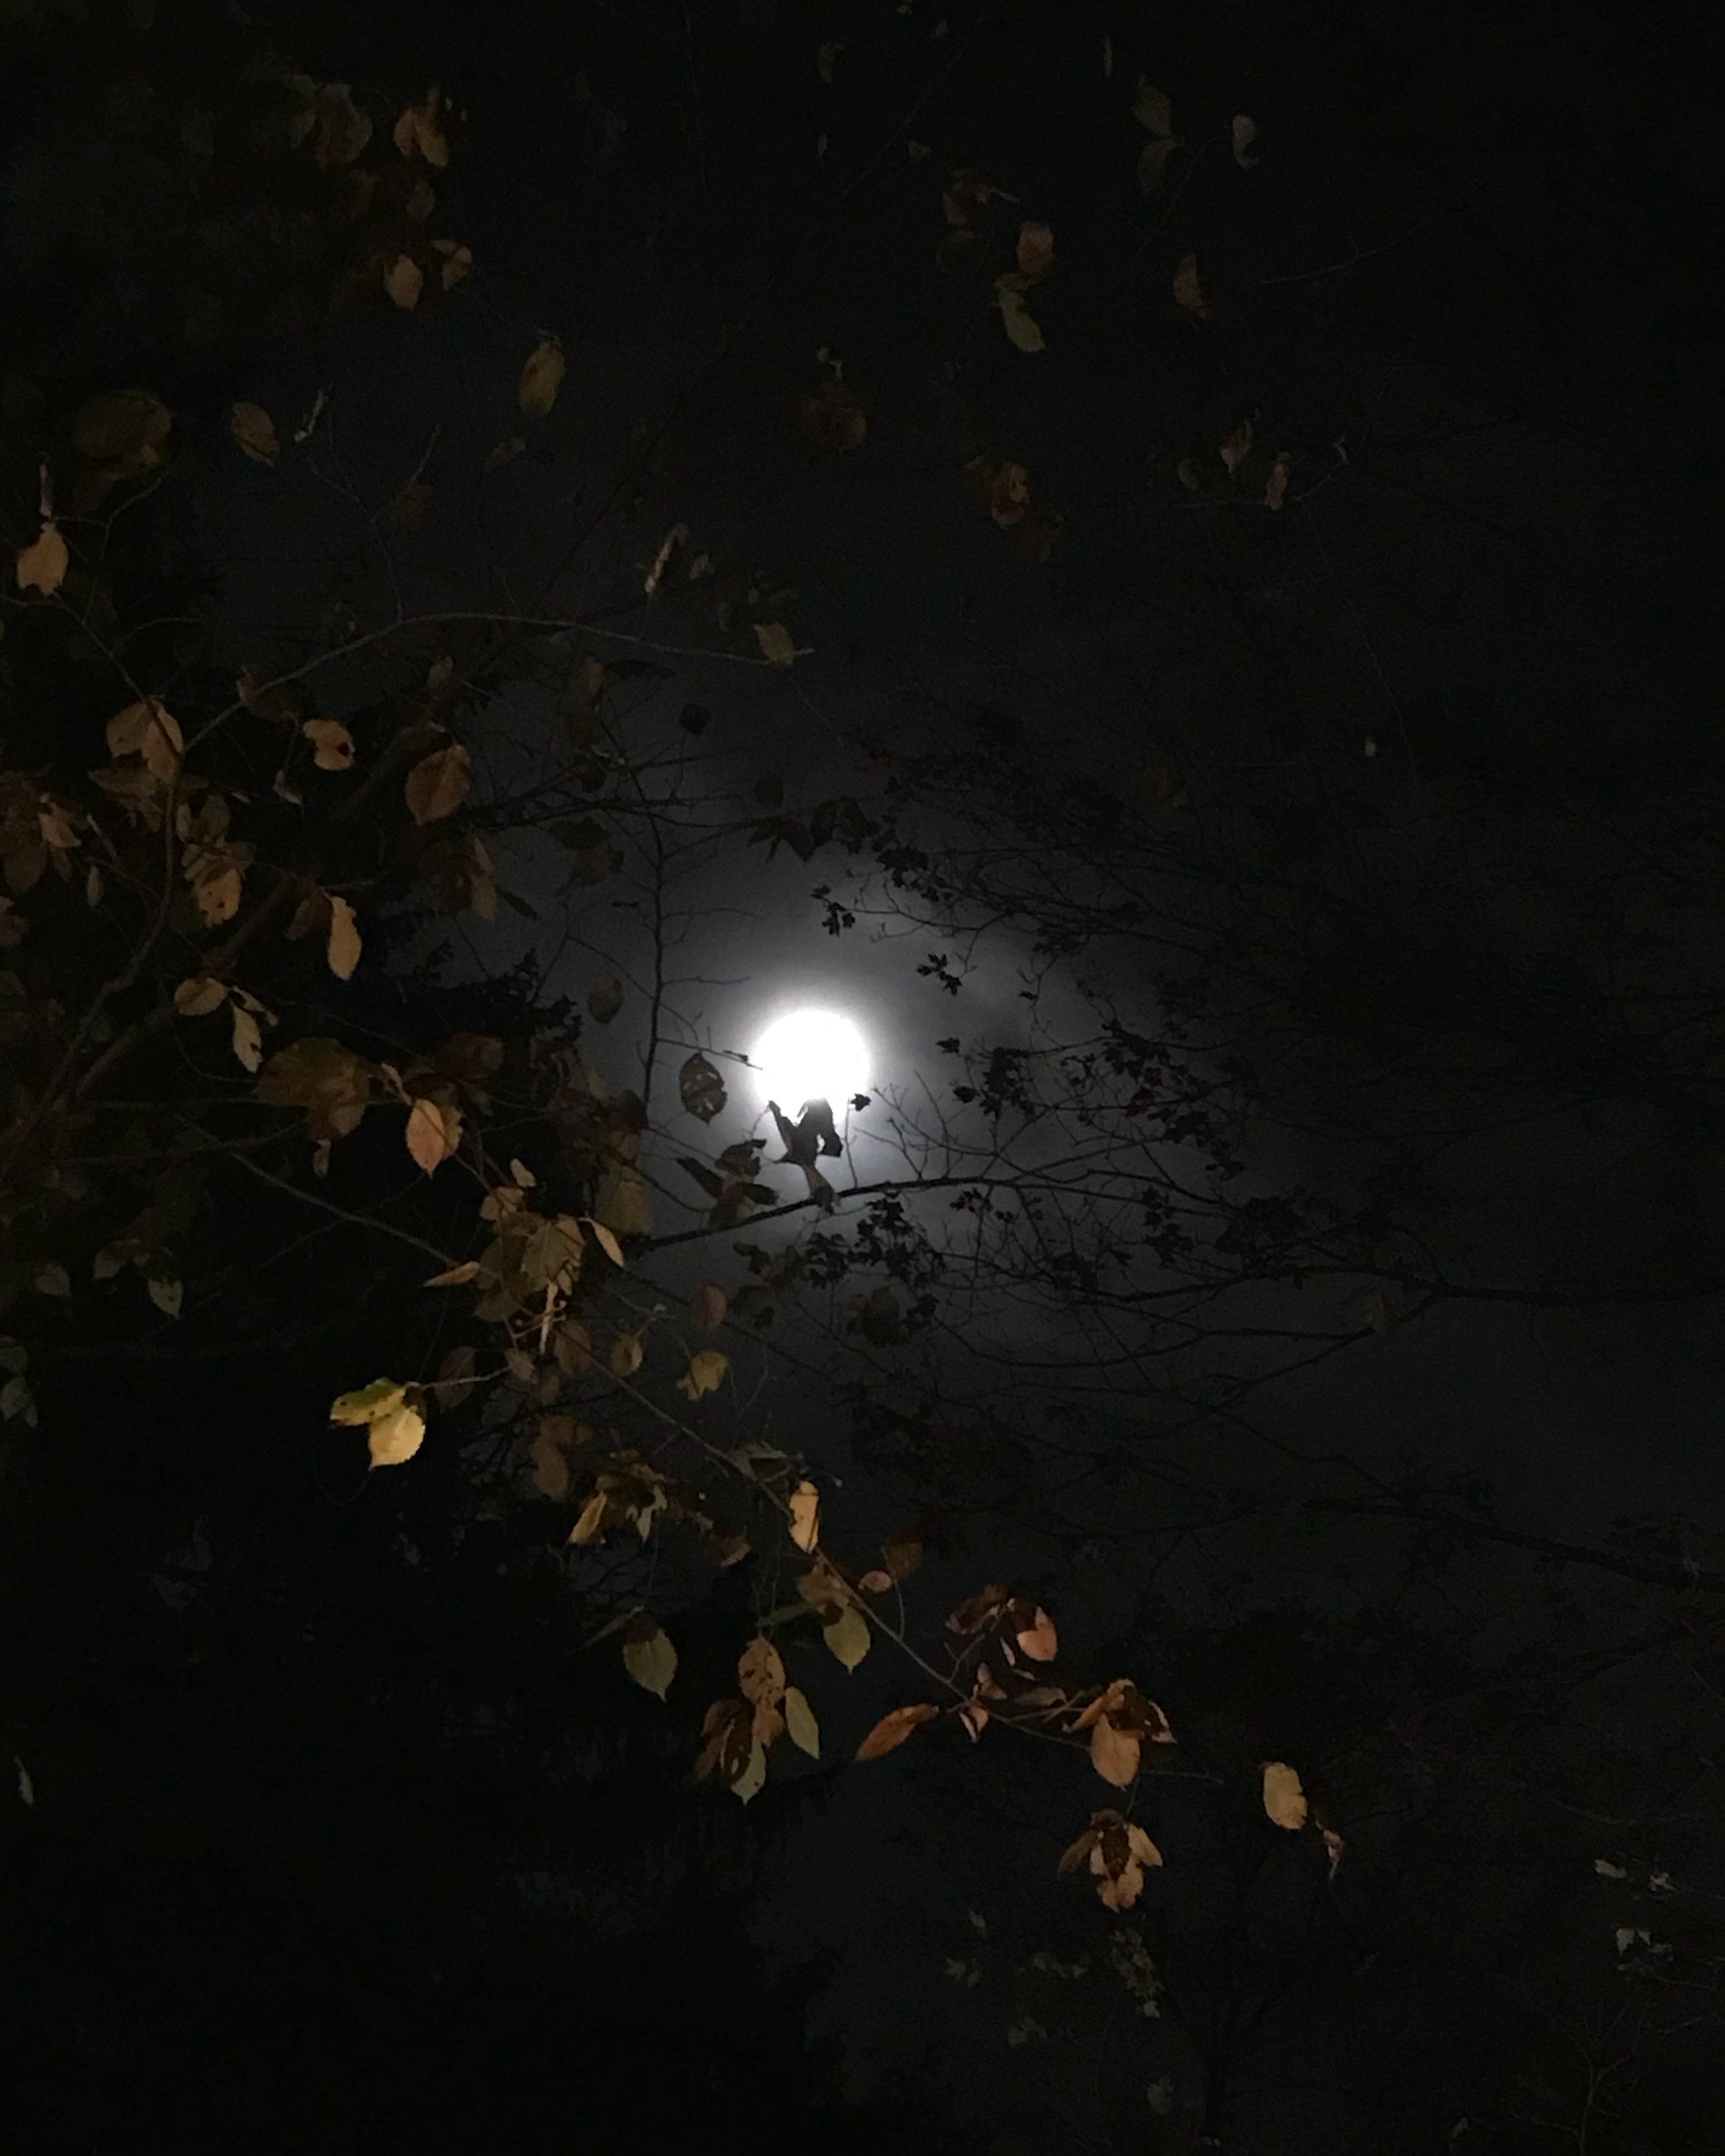 Moonrise (Medway, Massachusetts)